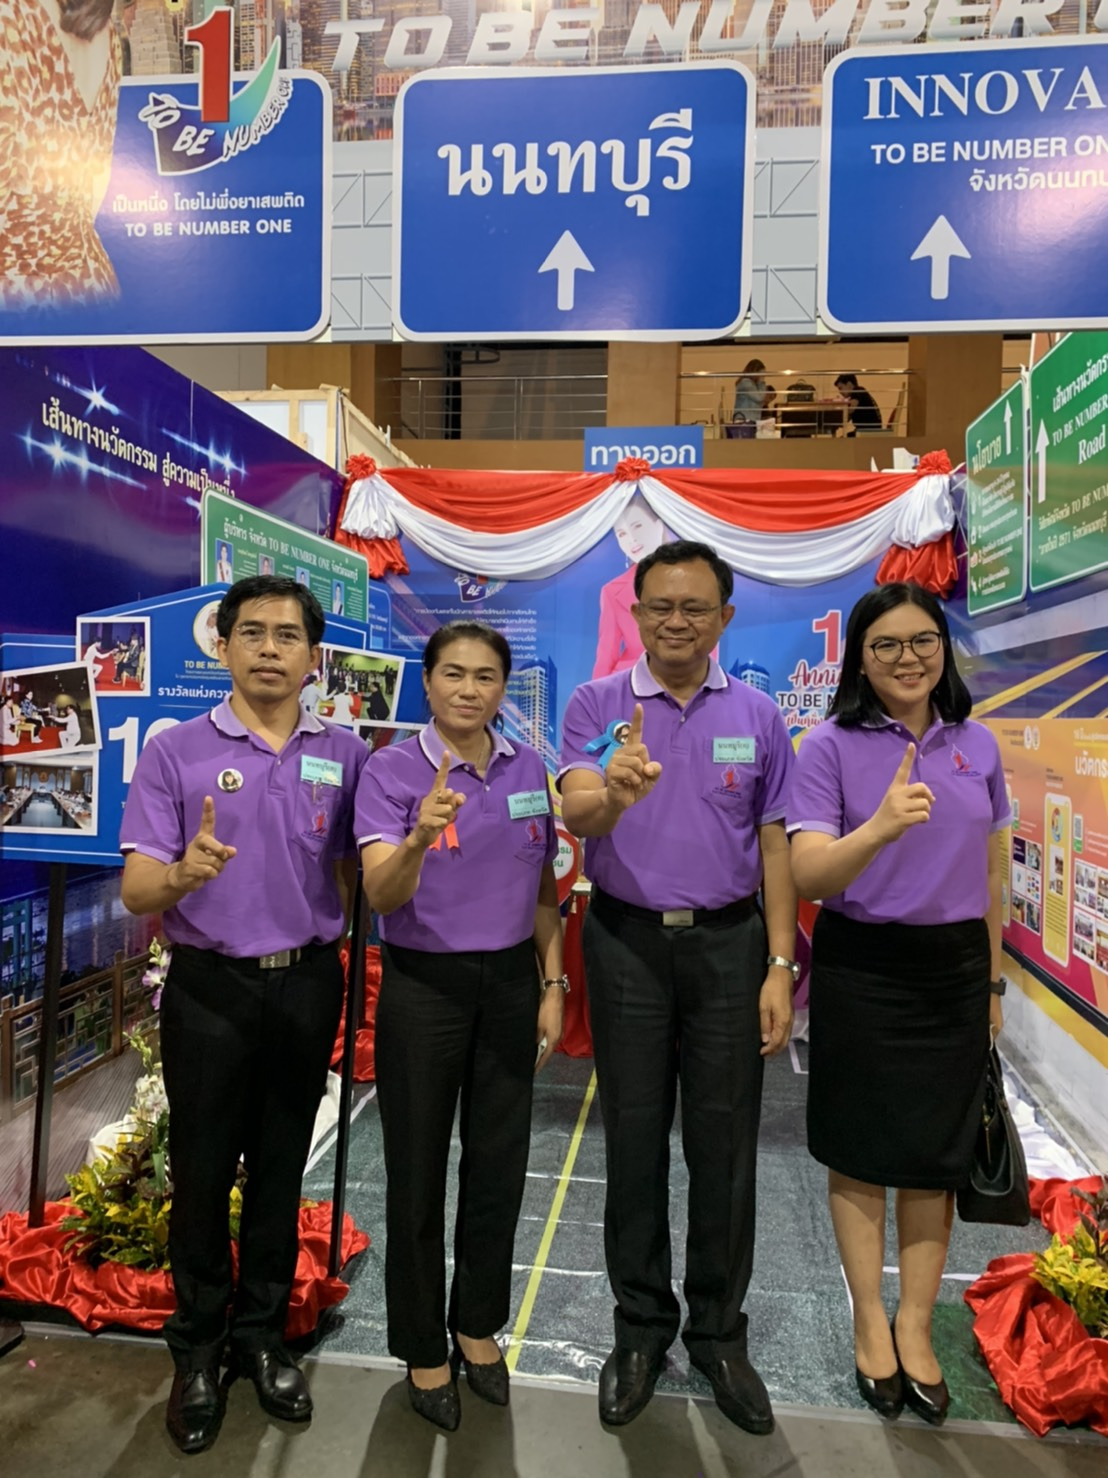 สำนักงานแรงงานจังหวัดนนทบุรีเข้าร่วมงานครบรอบ 18 ปี มหกรรมรวมพลสมาชิก TO BE NUMBER ONE ประจำปี 2563